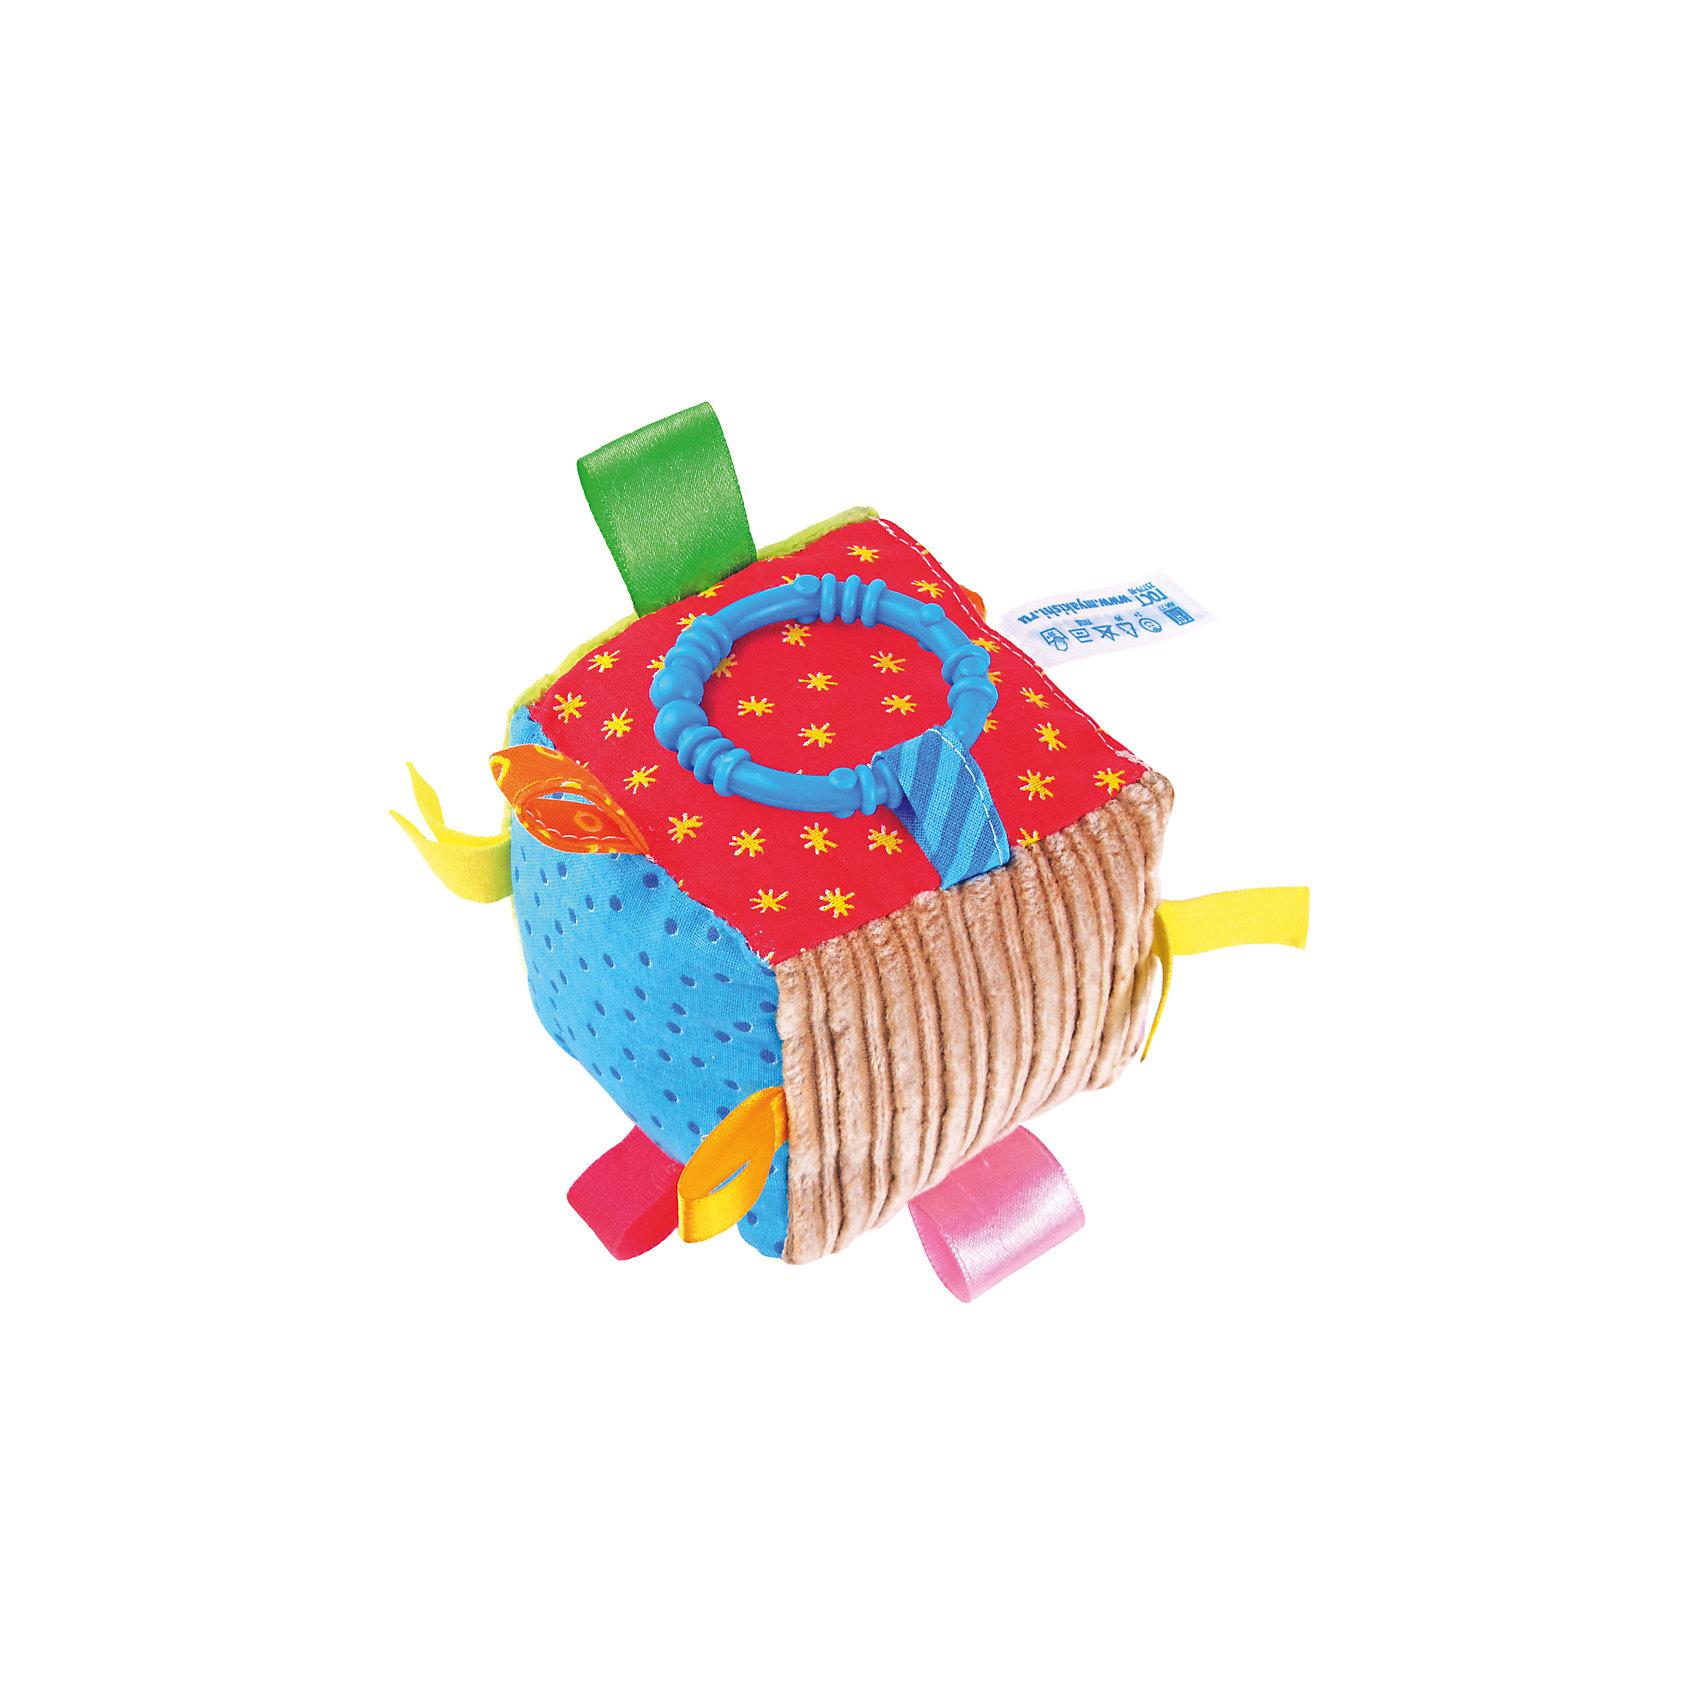 Кубик с петельками, МякишиХарактеристики товара:<br><br>• материал: разнофактурный текстиль, холлофайбер, пластмасса<br>• комплектация: 1 шт<br>• размер игрушки: 10 см<br>• звуковой элемент<br>• развивающая игрушка<br>• упаковка: ламинированный картонный холдер<br>• страна бренда: РФ<br>• страна изготовитель: РФ<br><br>Малыши активно познают мир и тянутся к новой информации. Чтобы сделать процесс изучения окружающего пространства интереснее, ребенку можно подарить развивающие игрушки. В процессе игры информация усваивается намного лучше!<br>Такие игрушки помогут занять малыша, играть ими приятно и весело. Одновременно они позволят познакомиться со многими цветами, фактурами, а также научиться извлекать звук. Подобные игрушки развивают тактильные ощущения, моторику, цветовосприятие, логику, воображение, учат фокусировать внимание. Каждое изделие абсолютно безопасно – оно создано из качественной ткани с мягким наполнителем. Игрушки производятся из качественных и проверенных материалов, которые безопасны для детей.<br><br>Кубик с петельками от бренда Мякиши можно купить в нашем интернет-магазине.<br><br>Ширина мм: 100<br>Глубина мм: 100<br>Высота мм: 100<br>Вес г: 80<br>Возраст от месяцев: 12<br>Возраст до месяцев: 36<br>Пол: Унисекс<br>Возраст: Детский<br>SKU: 5183200